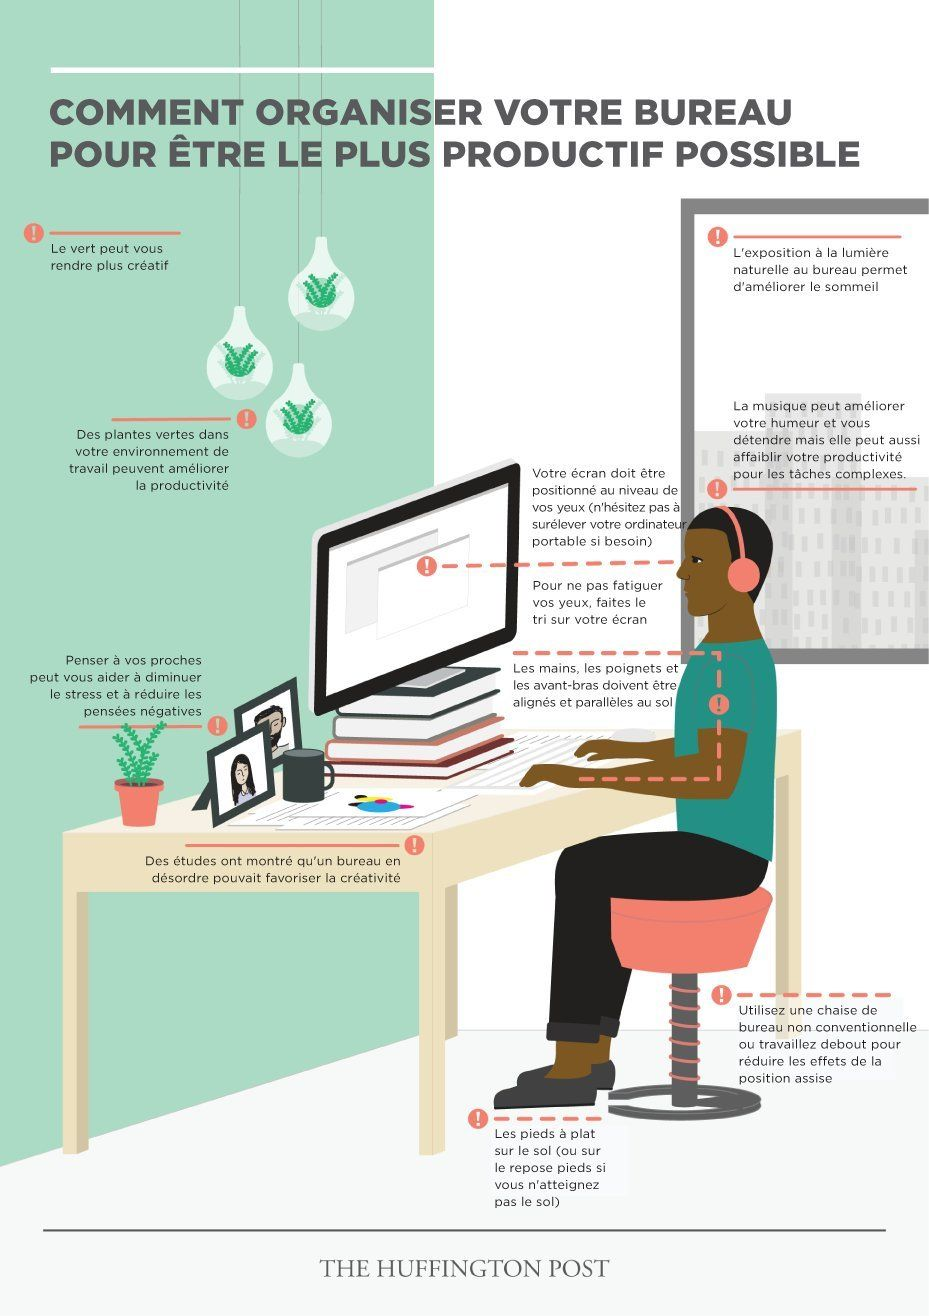 comment organiser votre bureau pour tre le plus productif possible infographie organiser. Black Bedroom Furniture Sets. Home Design Ideas